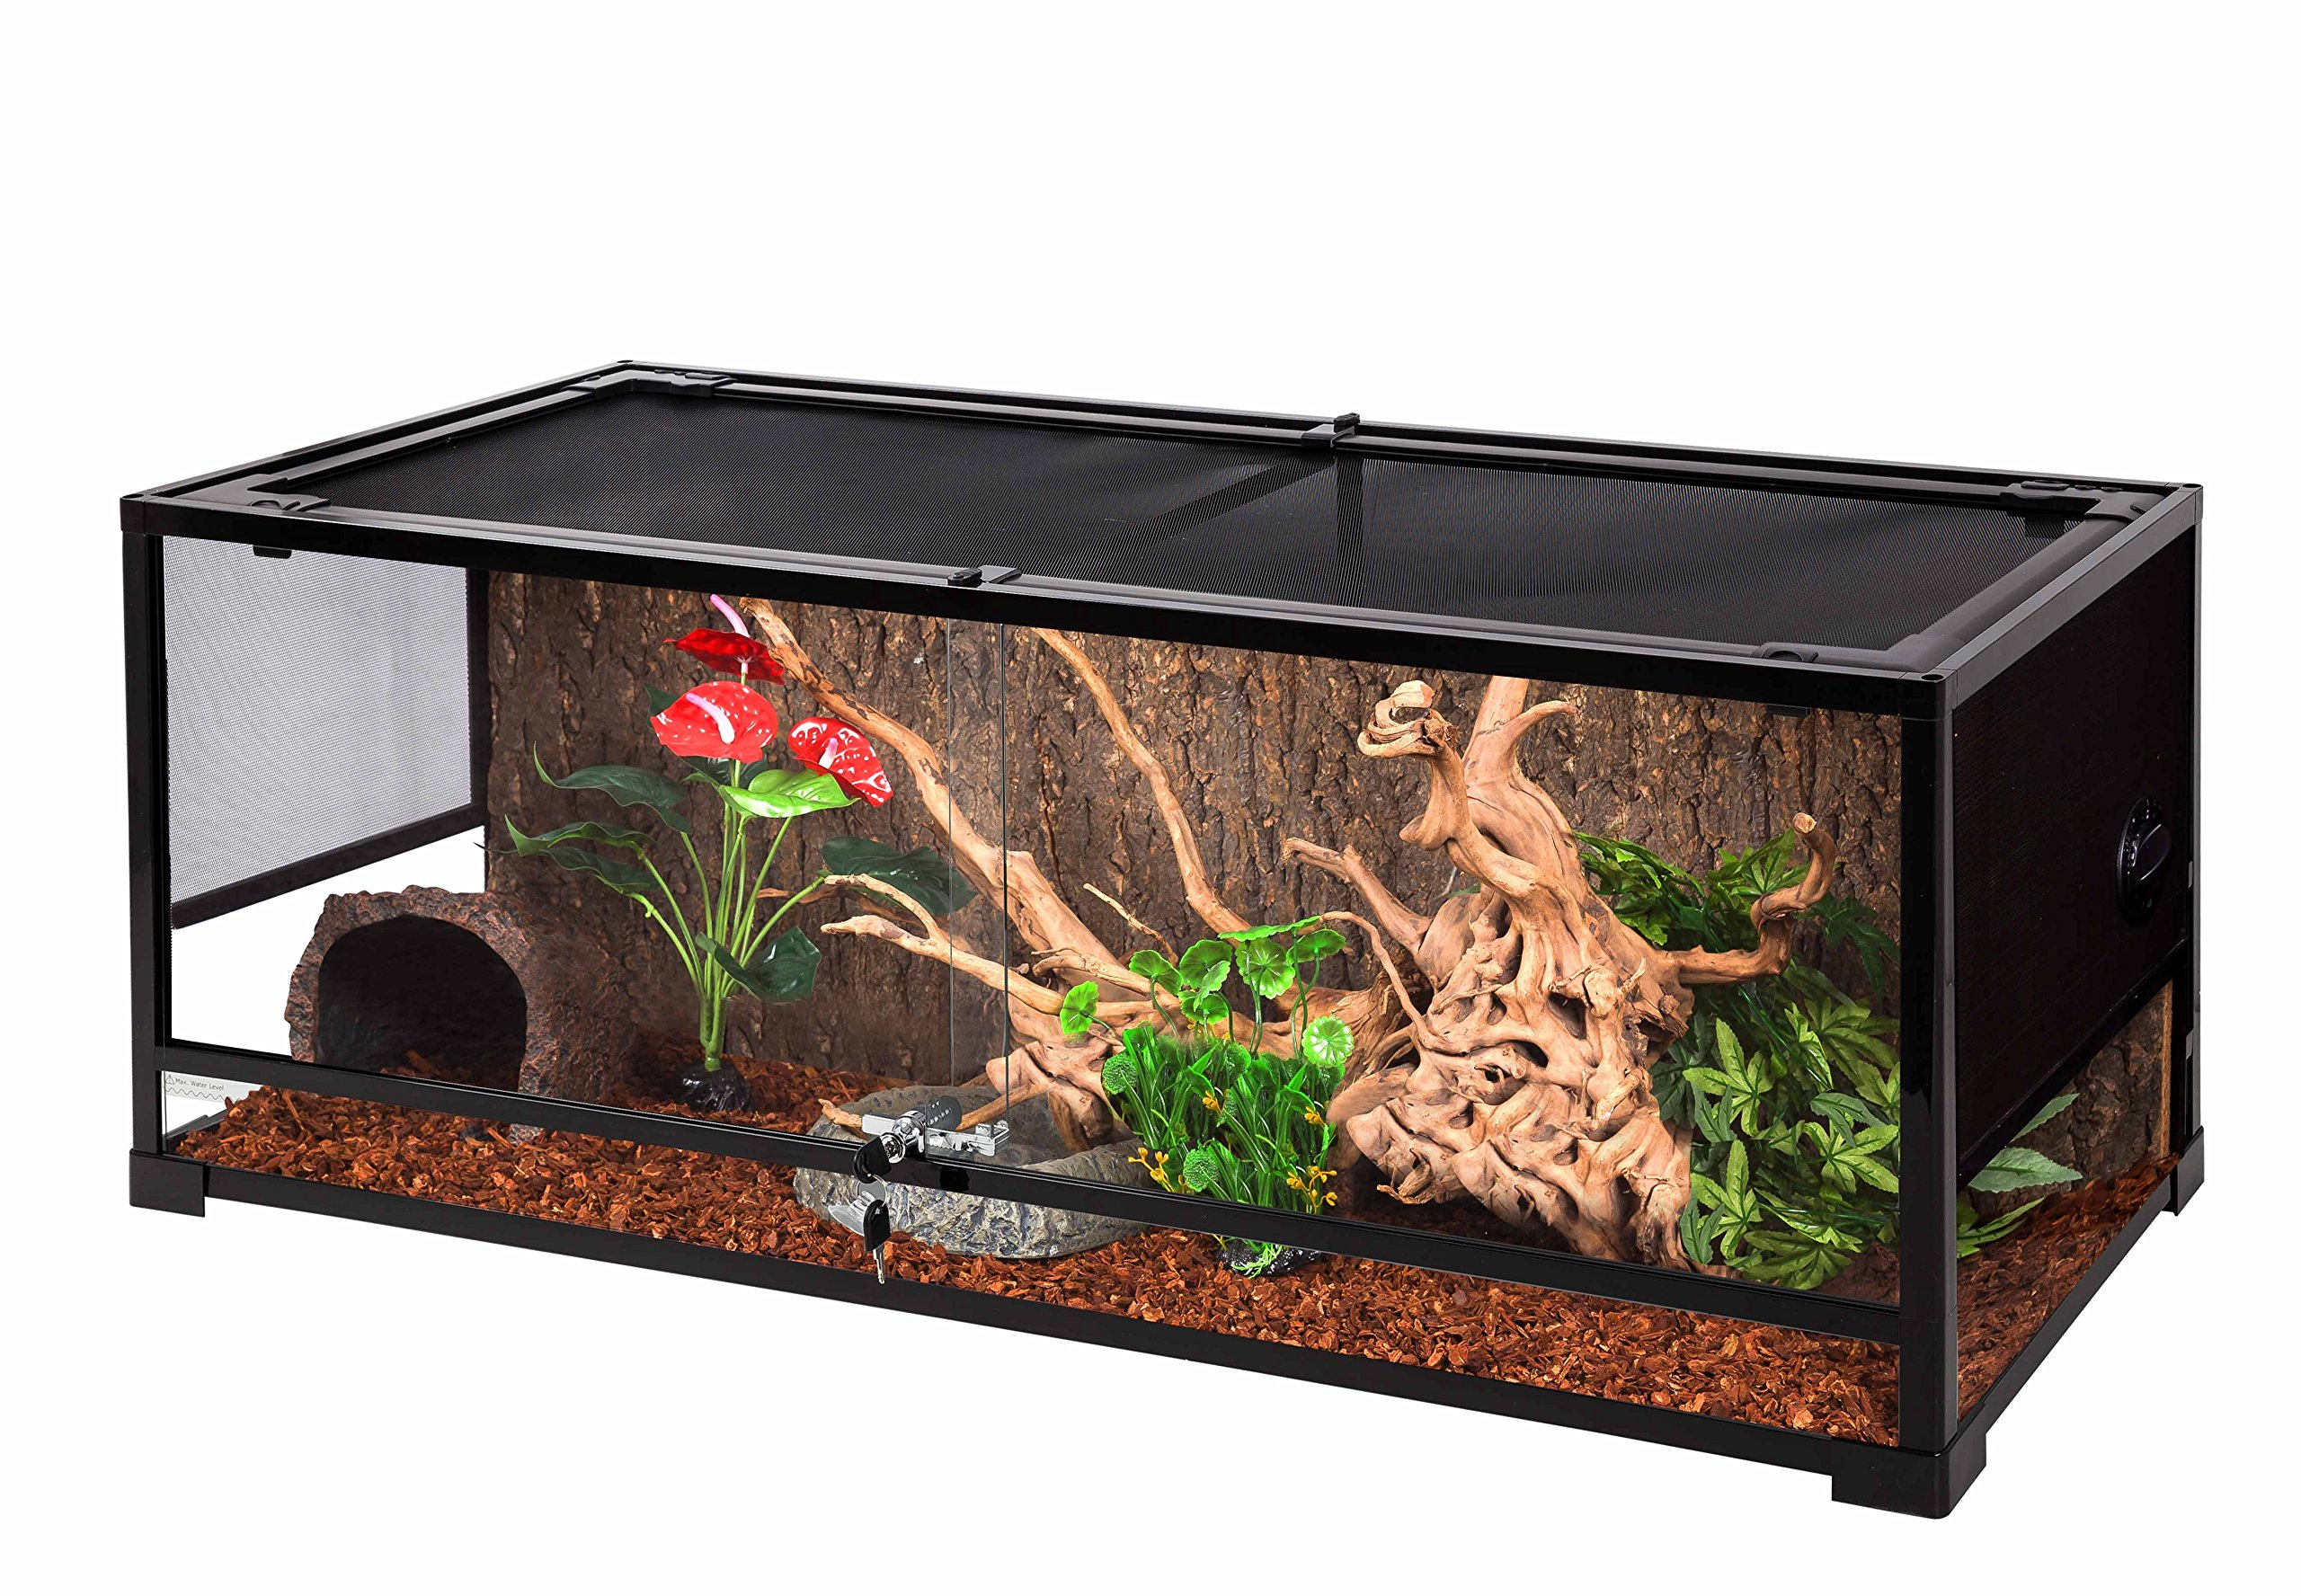 Cheap Diy Reptile Glass Terrarium Find Diy Reptile Glass Terrarium